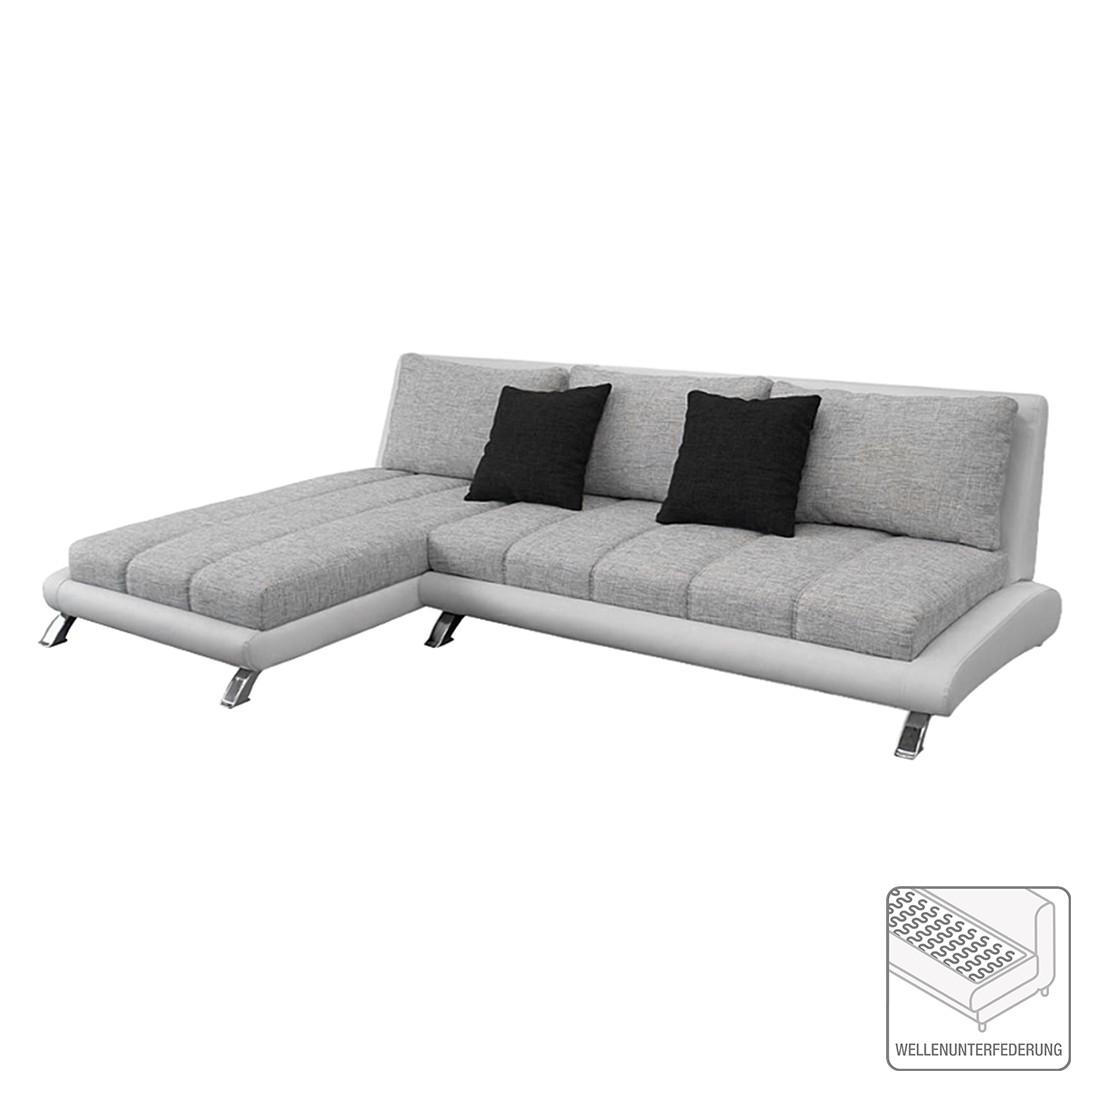 Canapé d'angle Lincoln